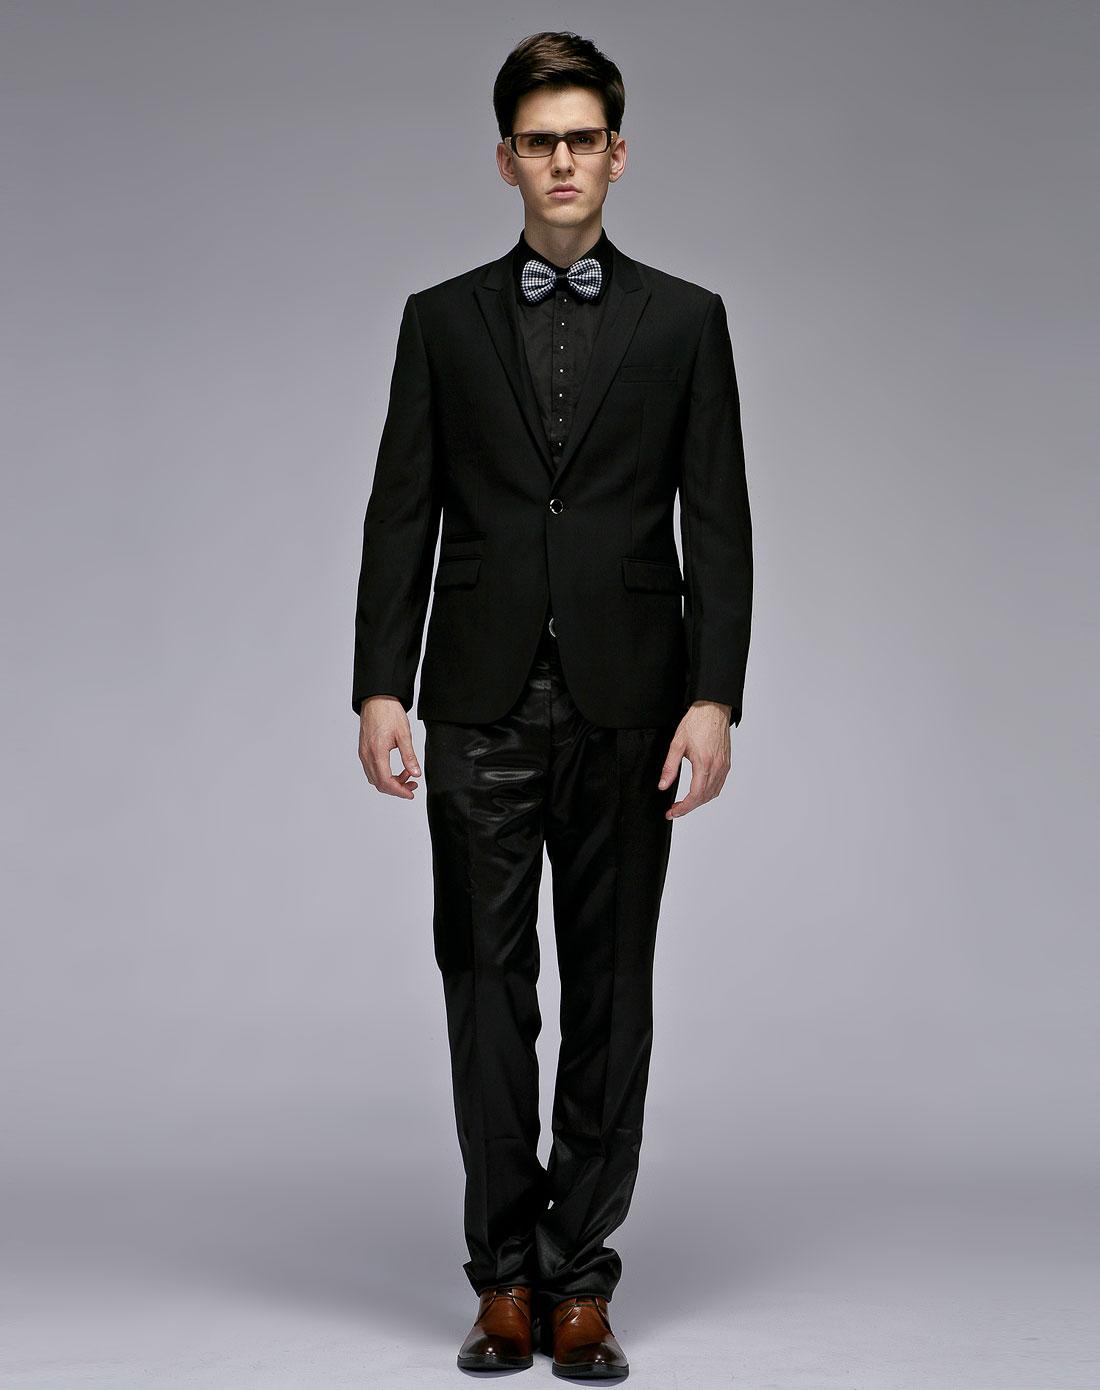 1978男装混合专场-gxg 黑色简约时尚长袖西装